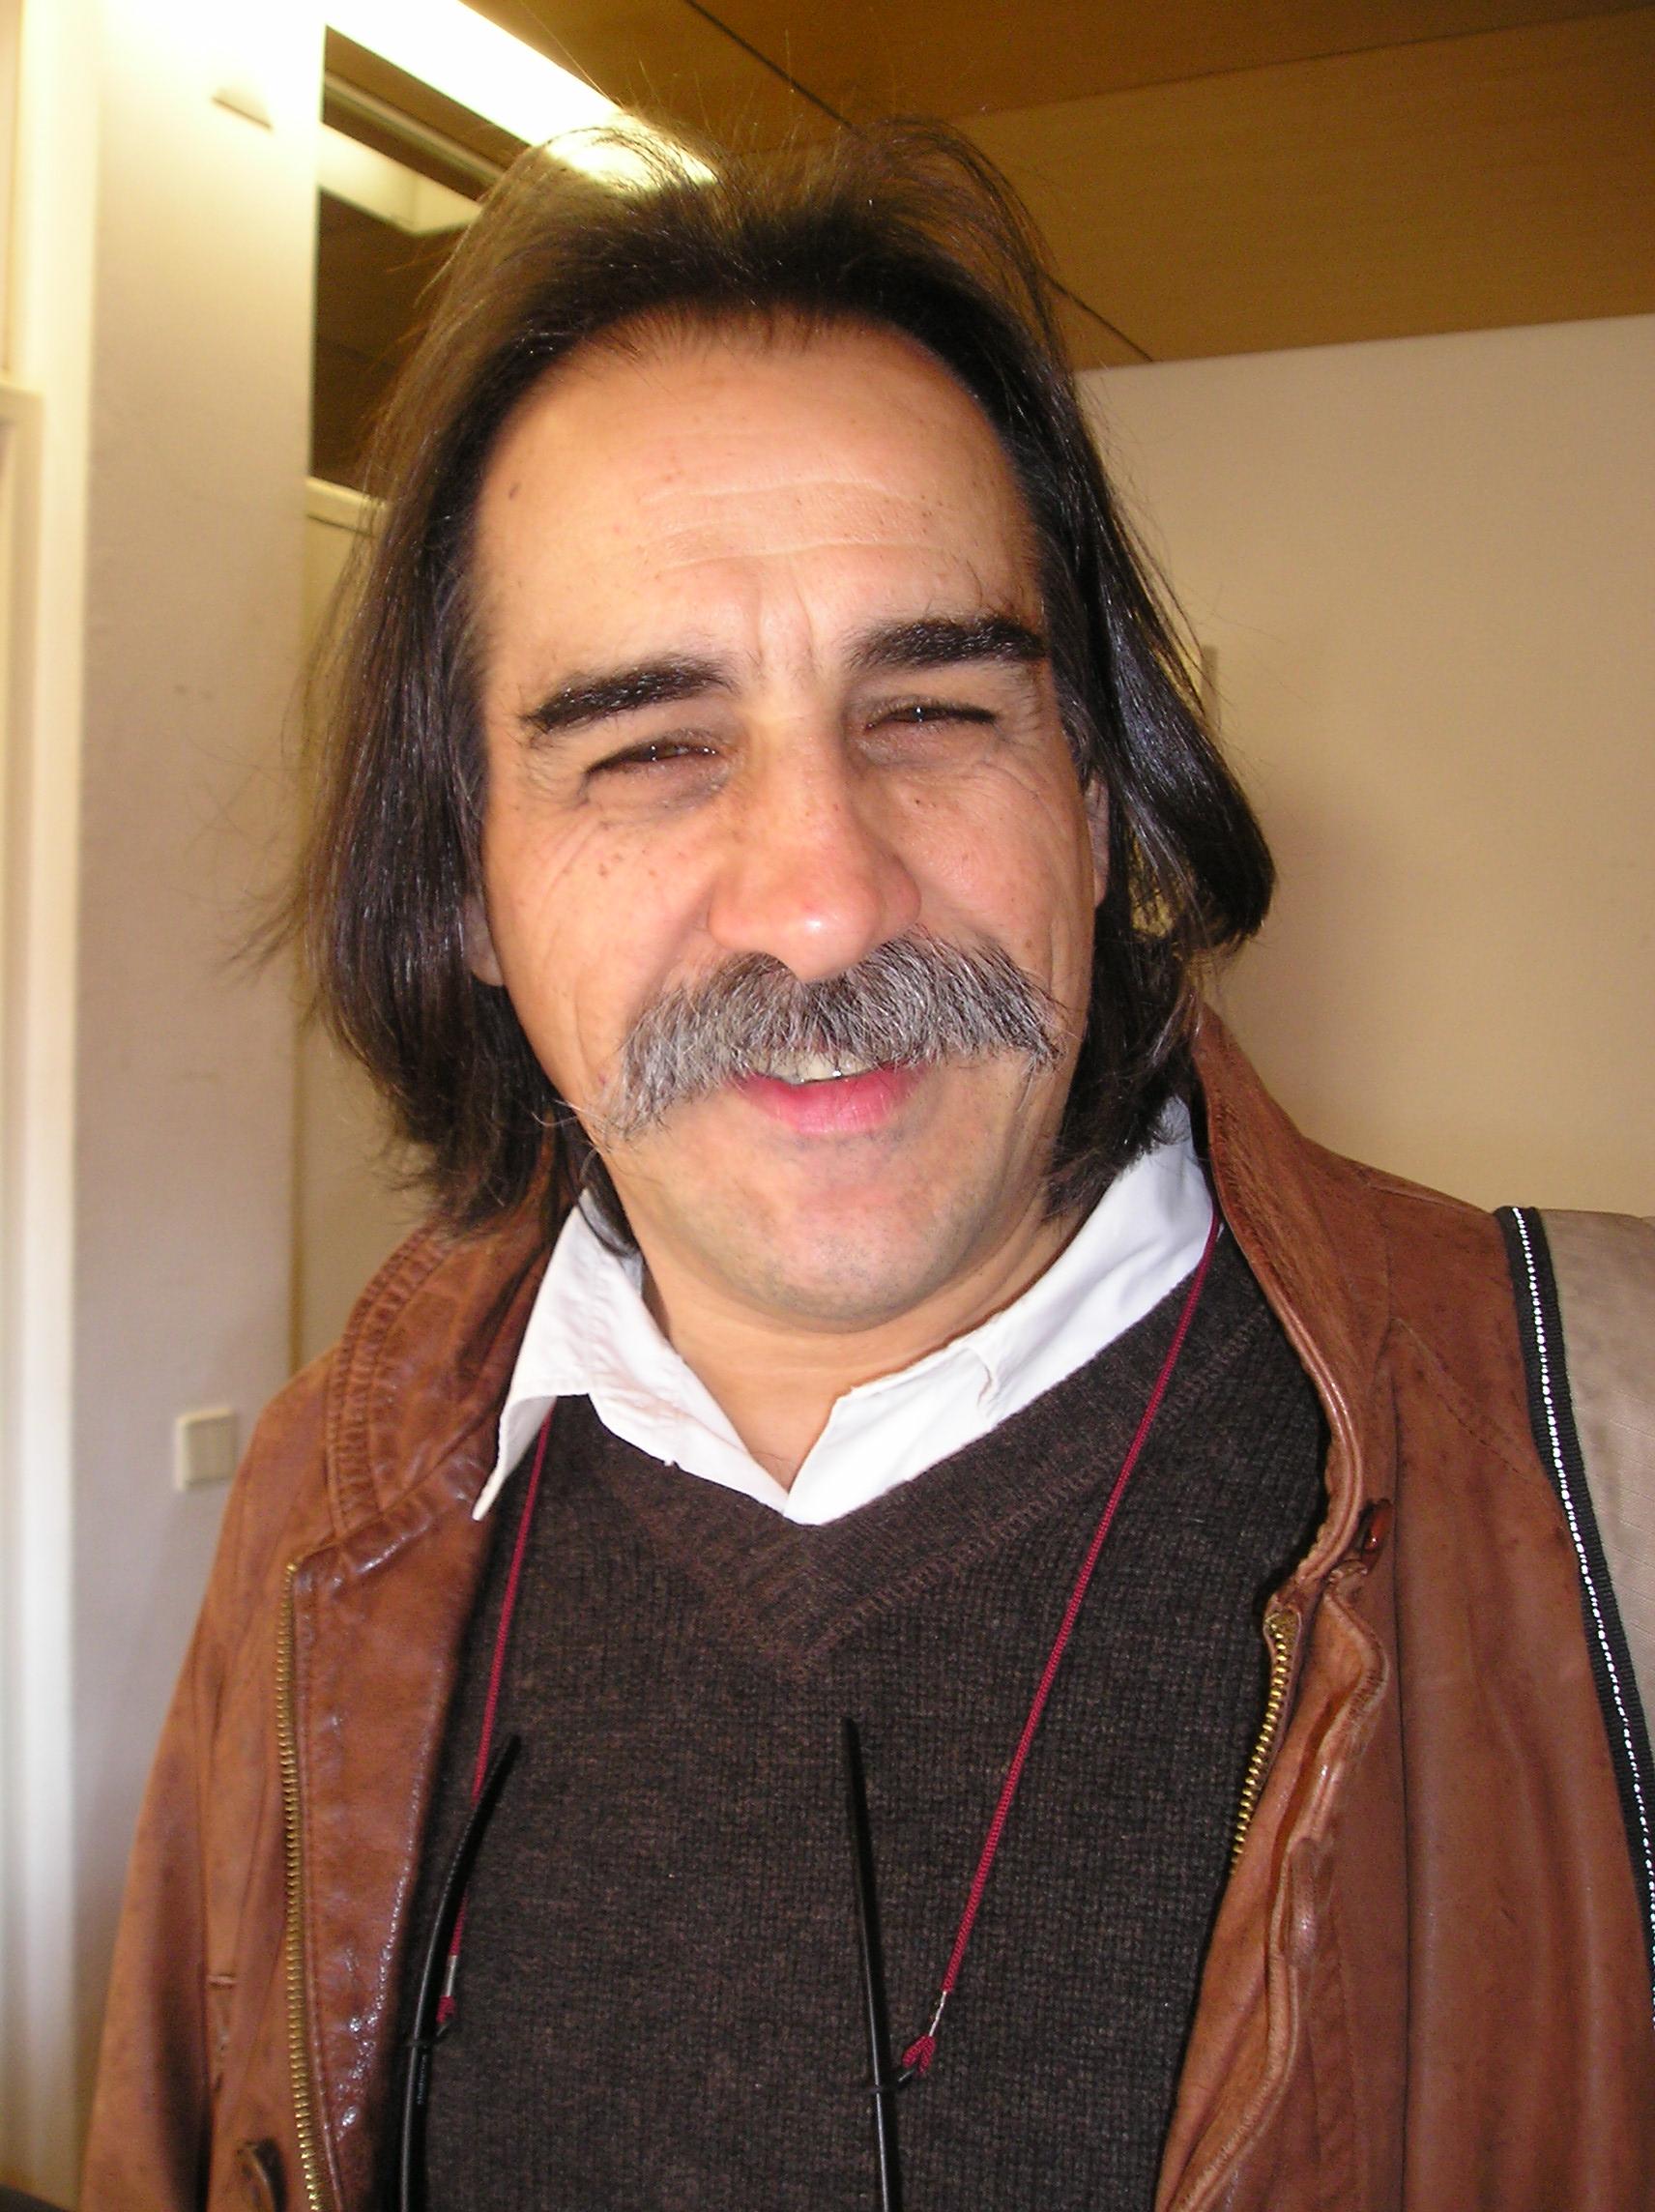 João Luís Farinha Antunes